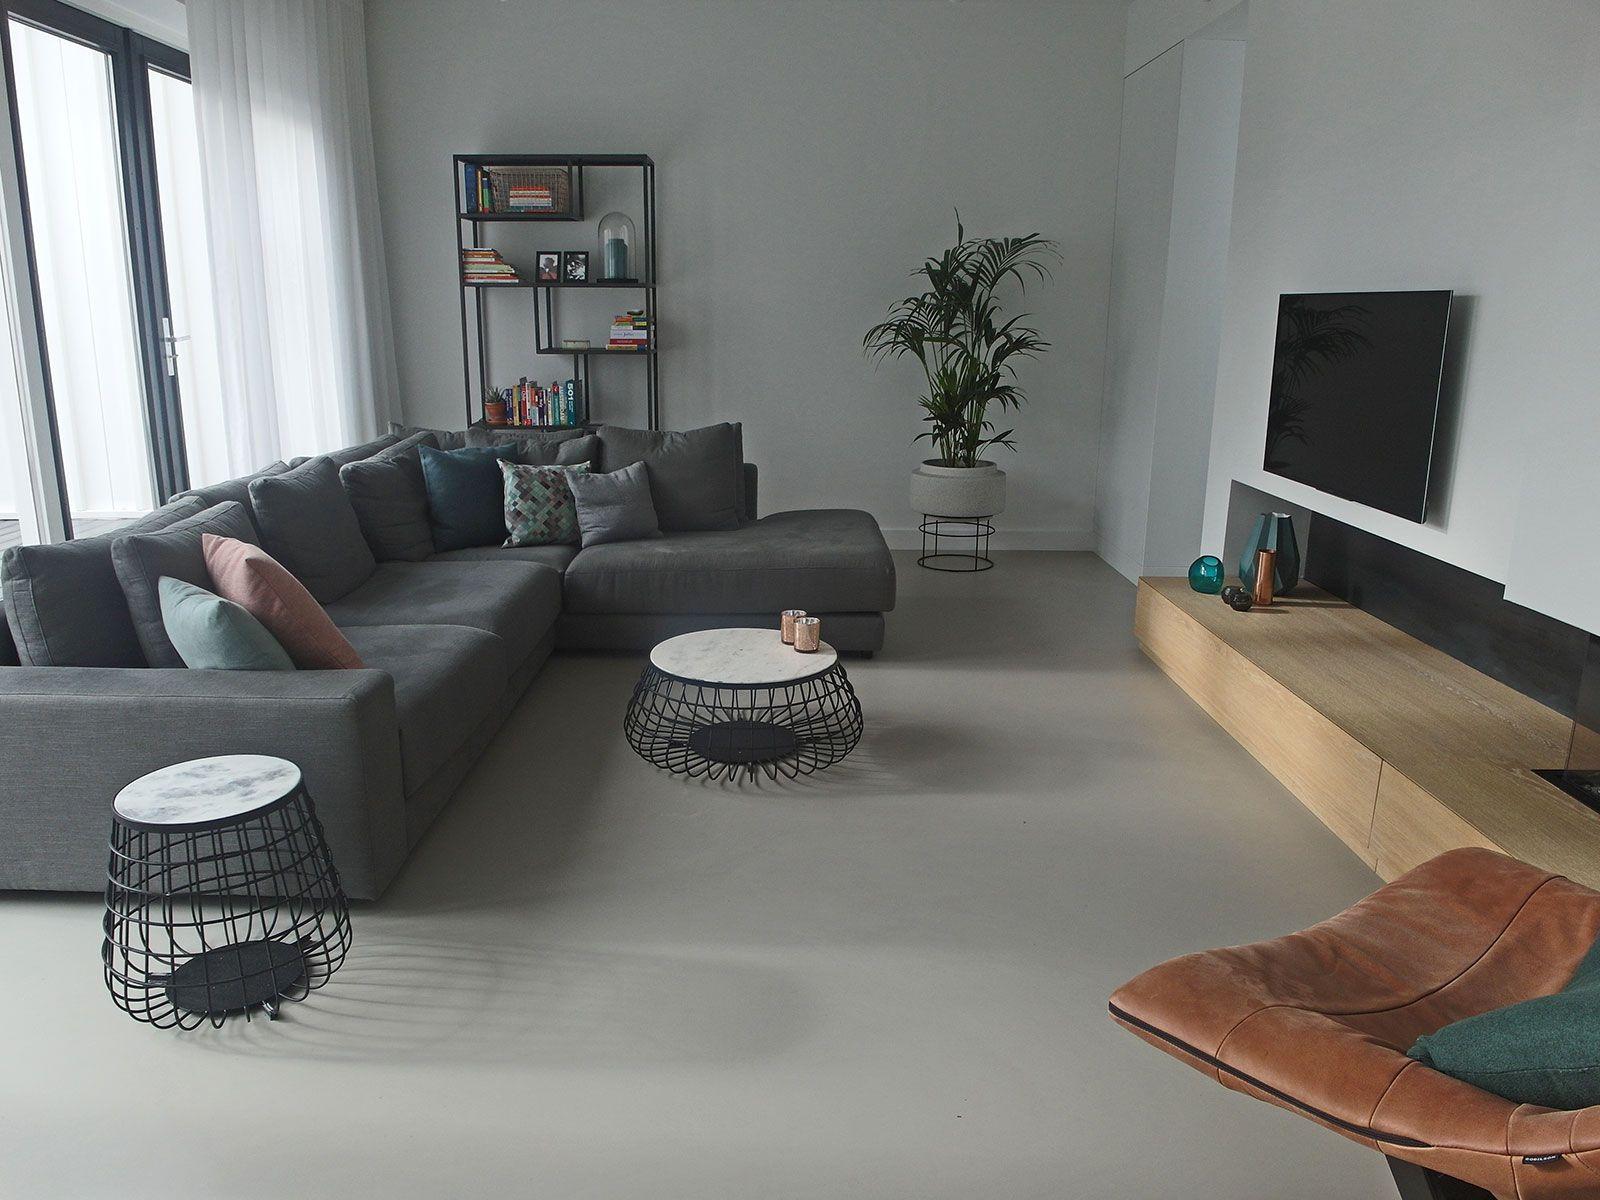 Gietvloer woonkamer Amsterdam vloeren Pinterest